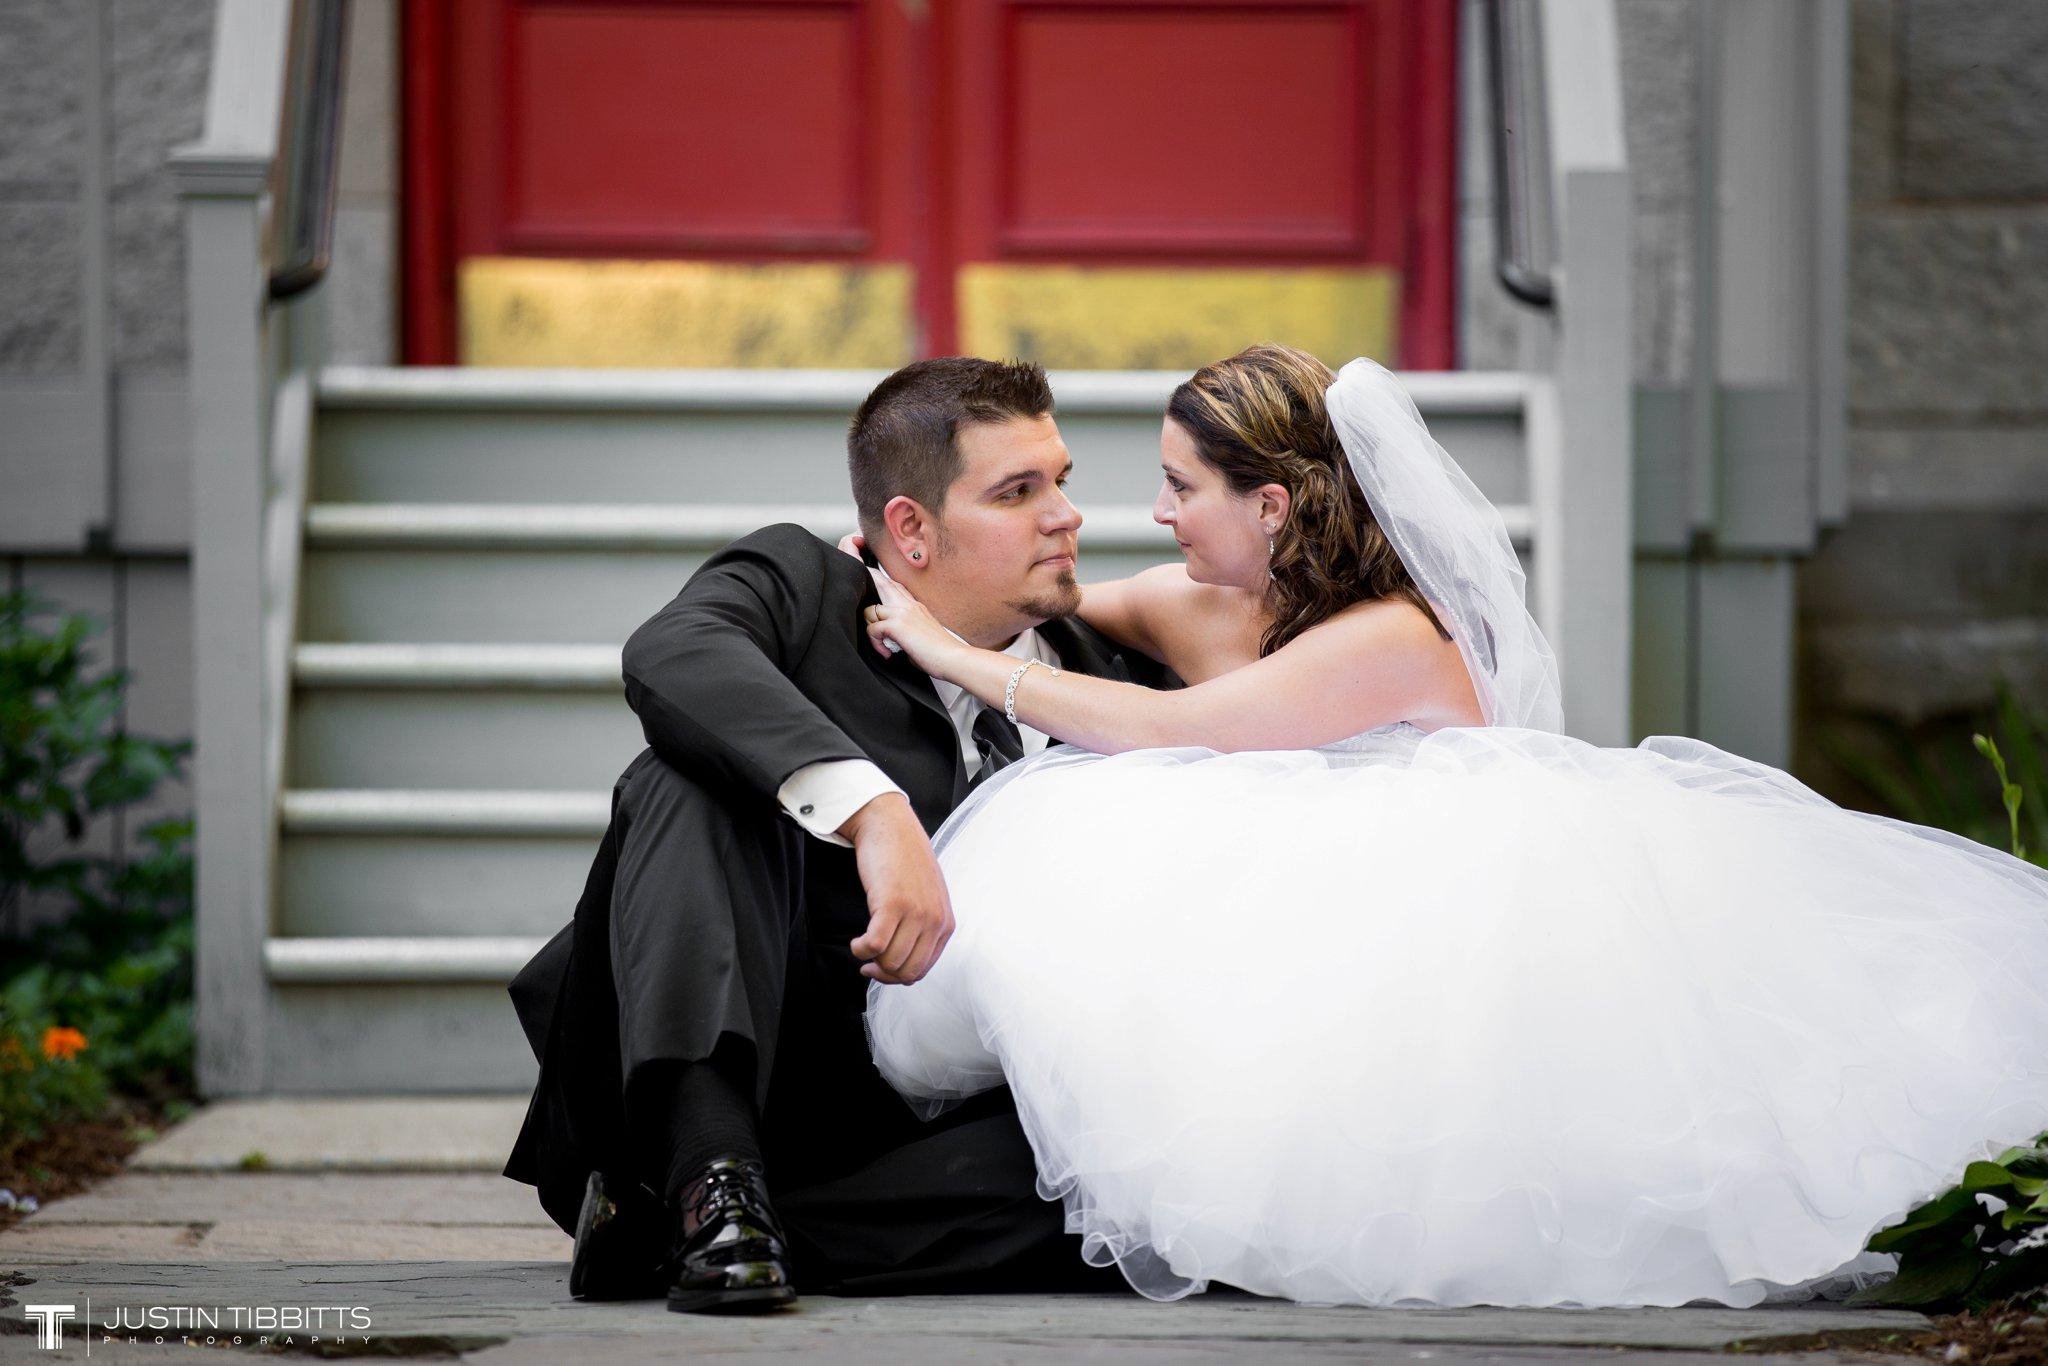 Albany NY Wedding Photographer Justin Tibbitts Photography 2014 Best of Albany NY Weddings-44531111